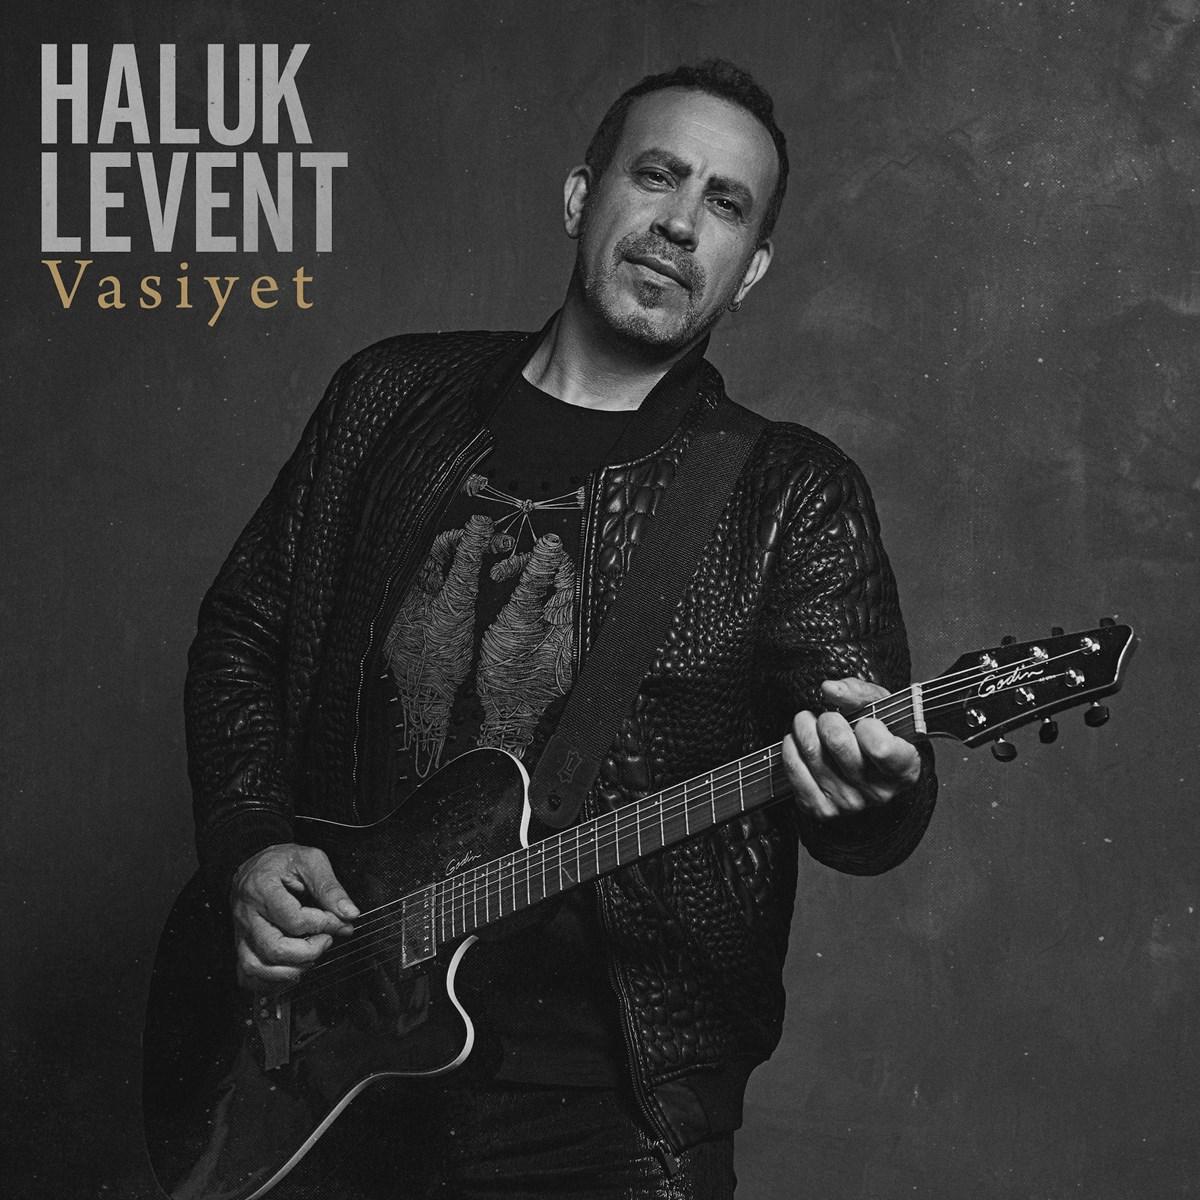 Haluk Levent, bu albümdeki birçok türküye video klip çekeceğini açıkladı.